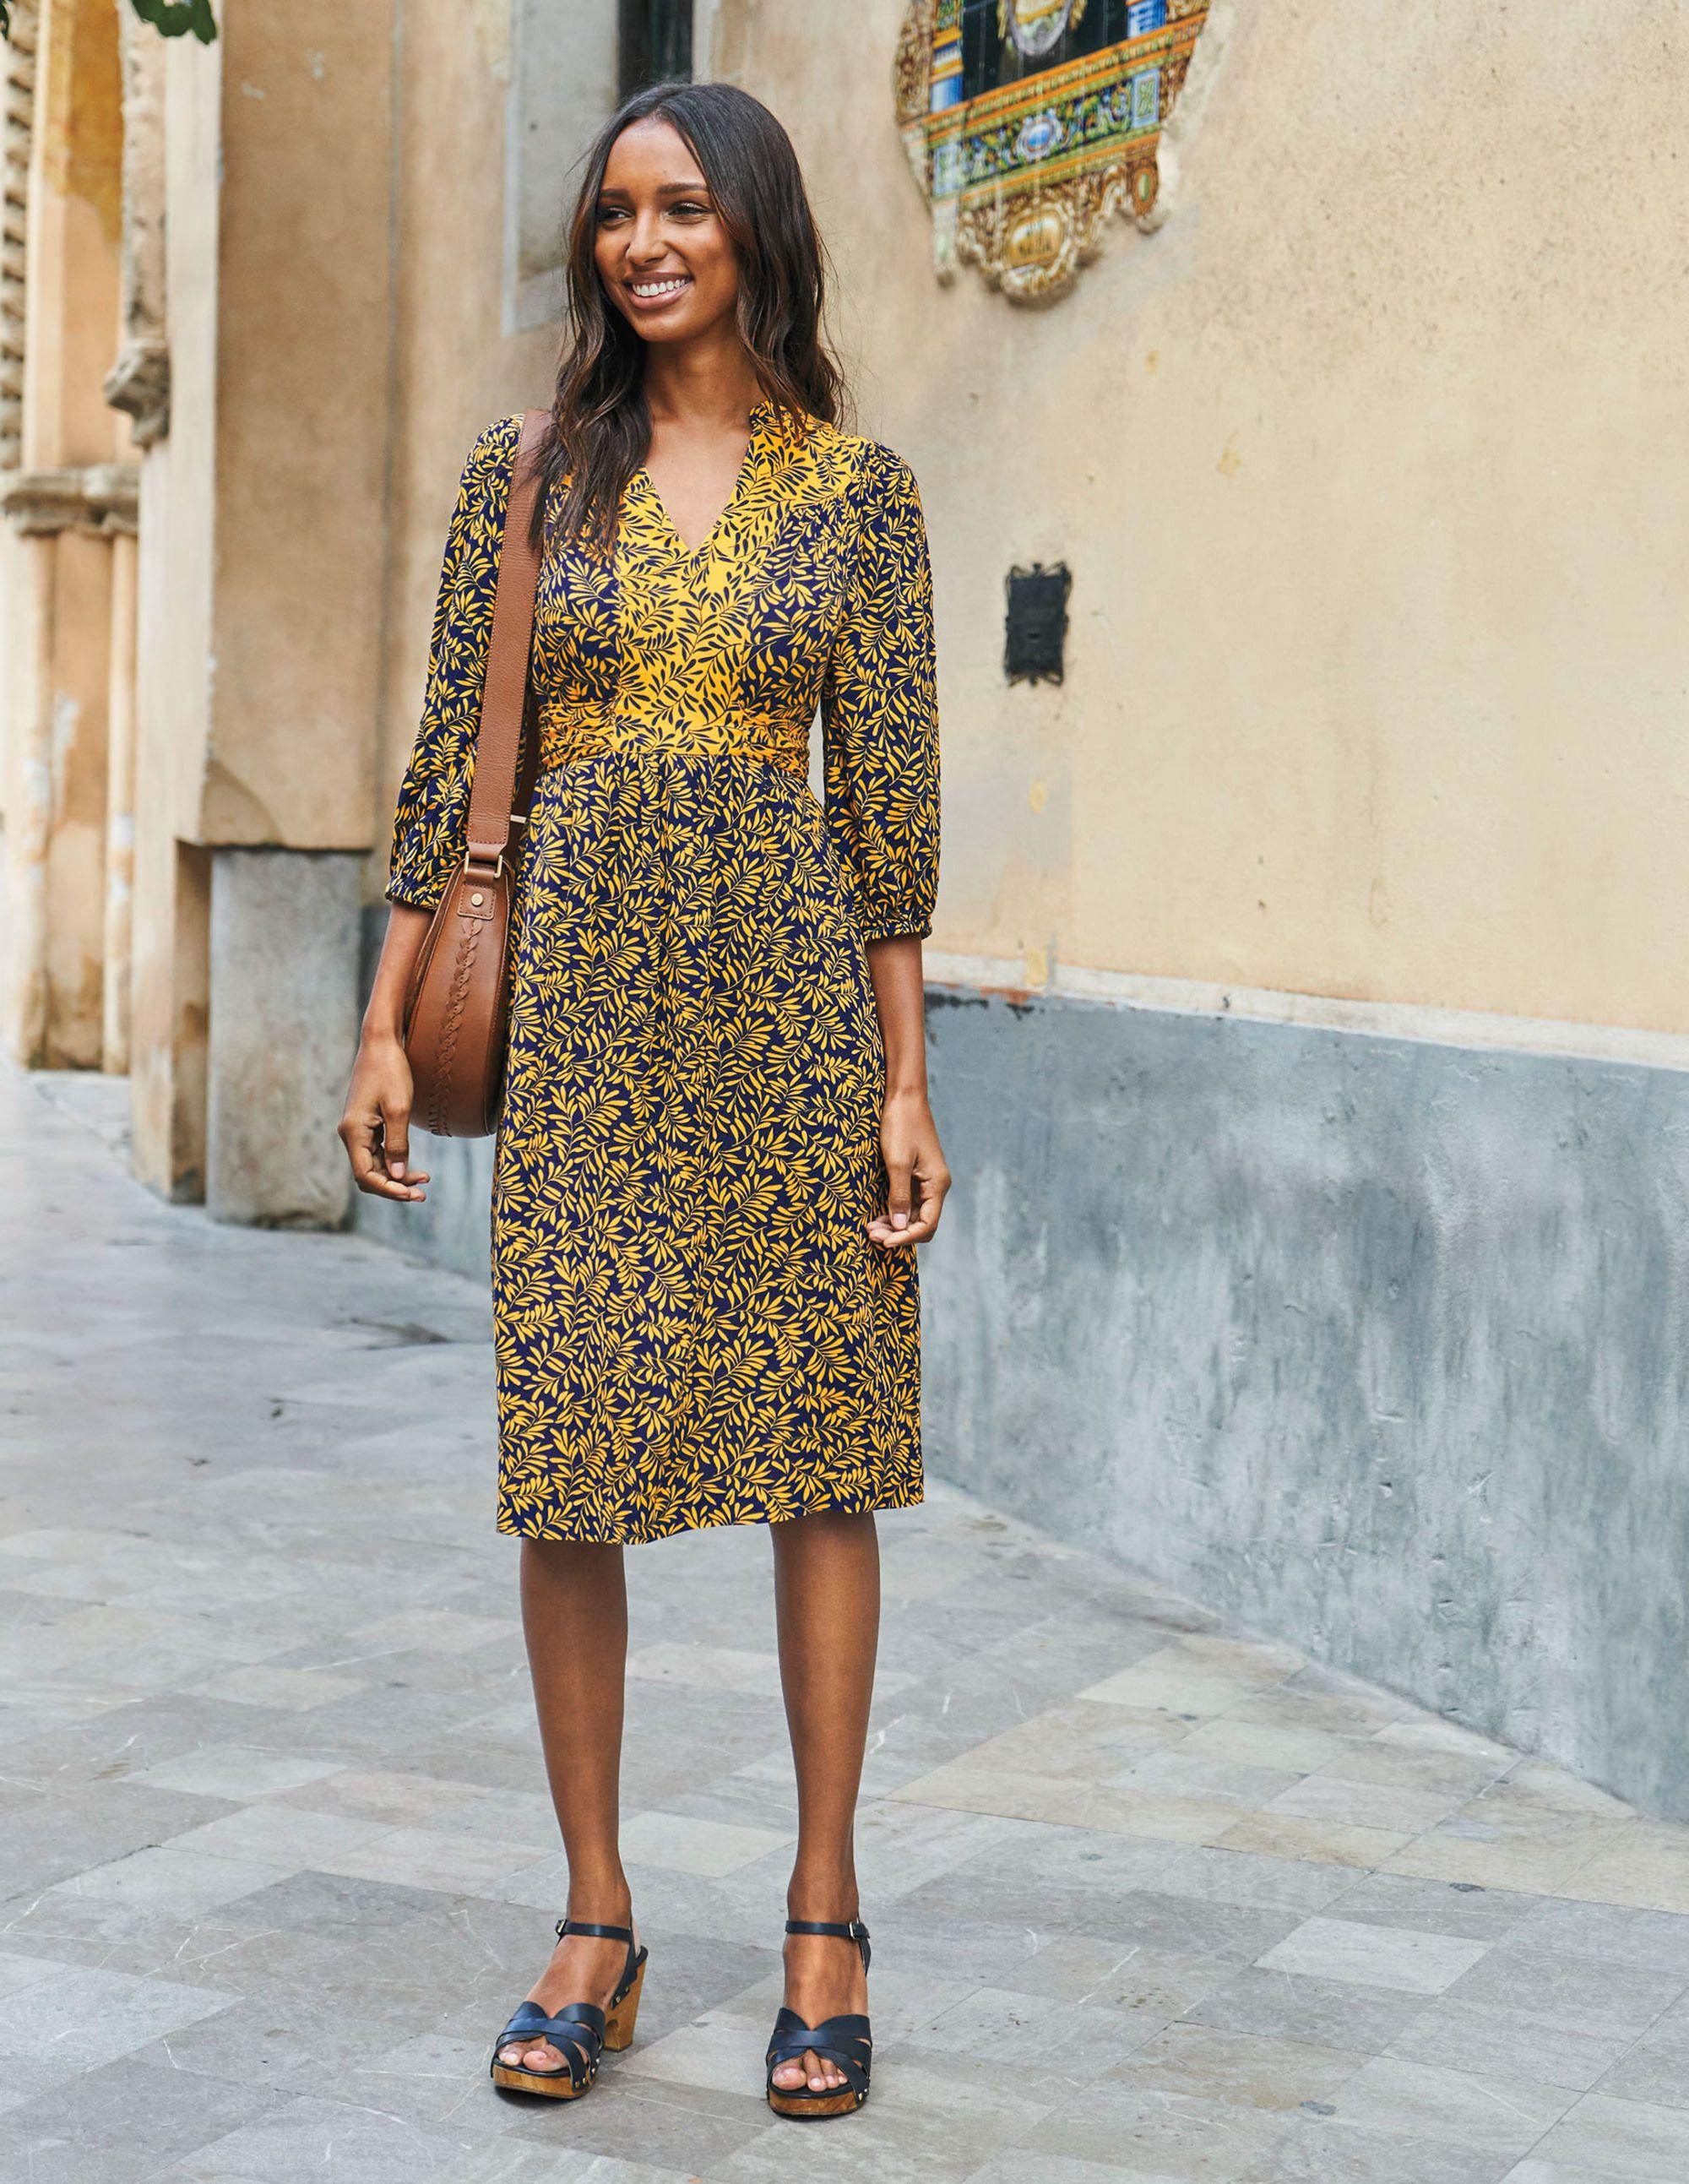 Ariadne Kleid W14 Strickkleider bei Boden  Kleider damen